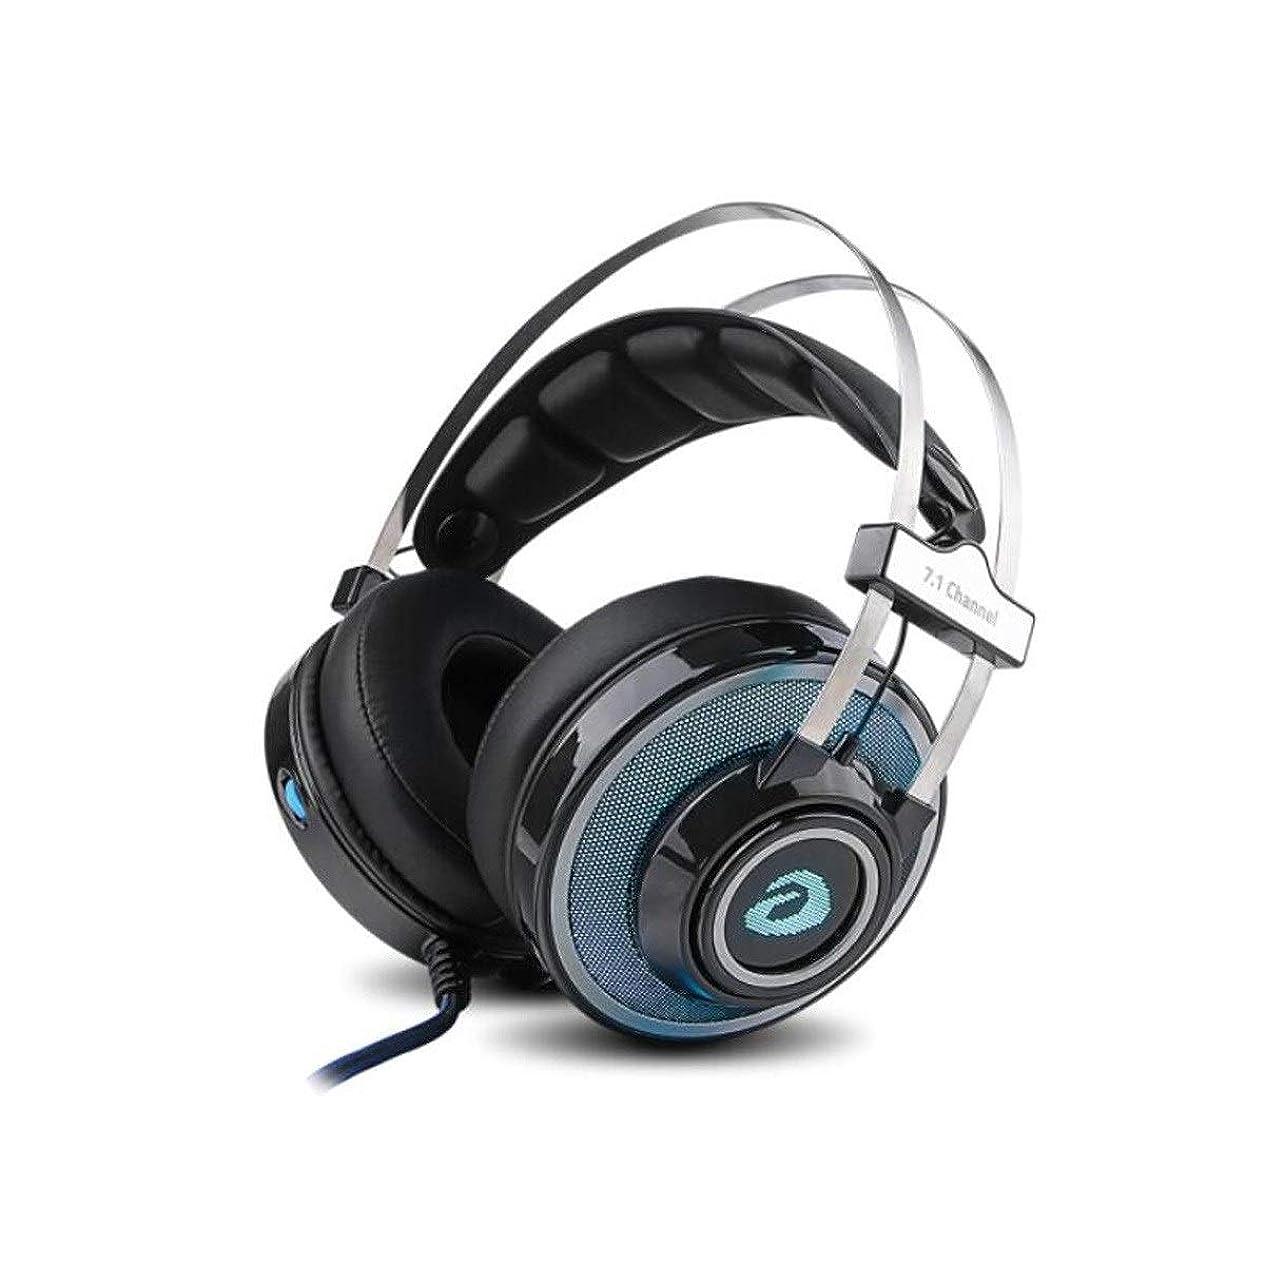 資源バッチ欠陥ZGSH ファッショナブルなヘッドフォン、ヘッドフォンゲーミングヘッドセット、ヘビーベース、グリーン (Color : Blue)